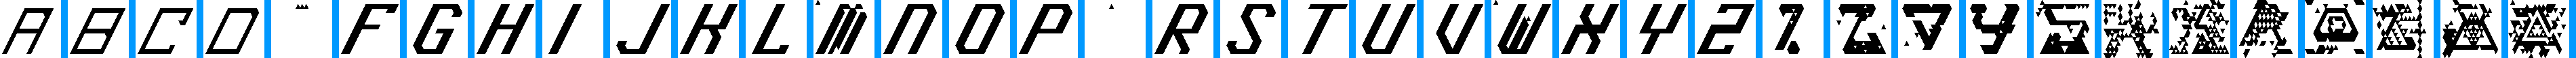 Particip-a-type v.240